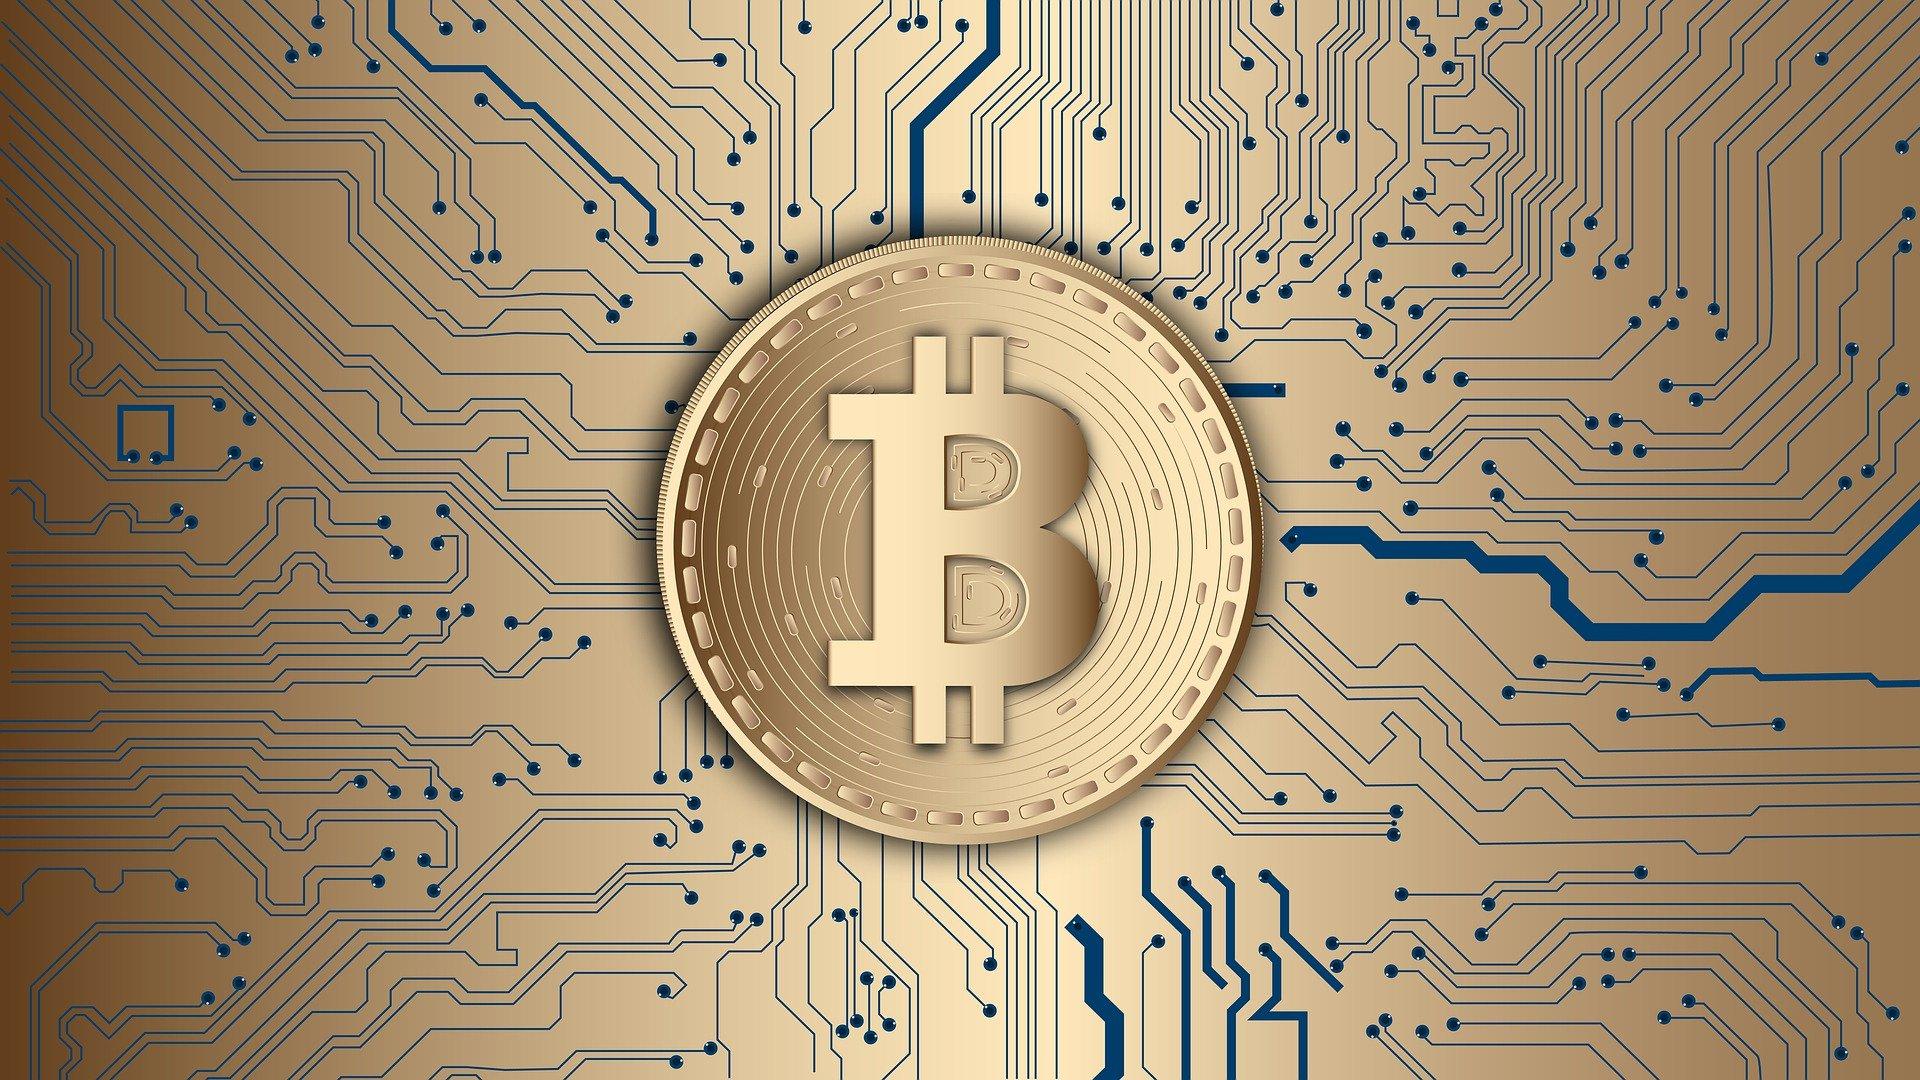 acquista bitcoin con commercio di bitcoin cronologia del volume